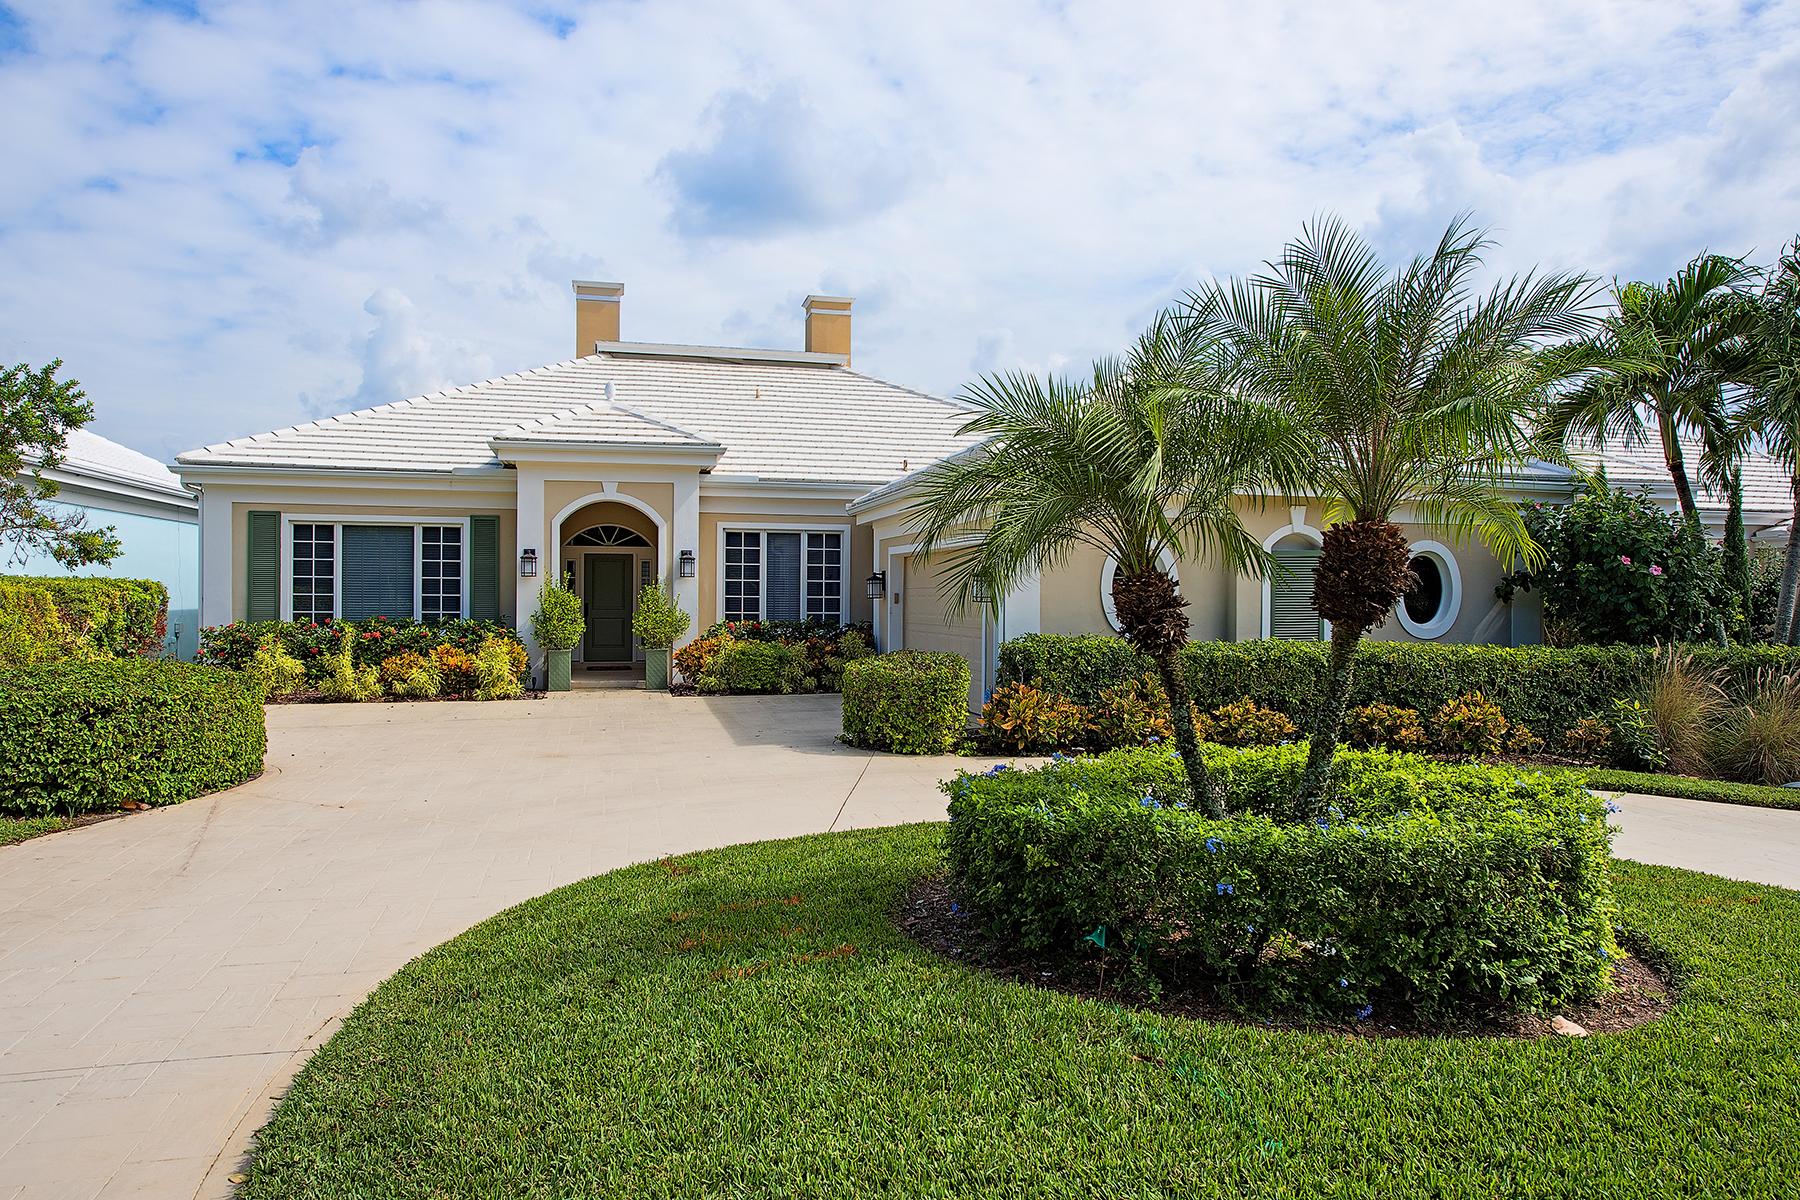 一戸建て のために 売買 アット AUDUBON COUNTRY CLUB 15608 Whitney Ln Naples, フロリダ, 34110 アメリカ合衆国